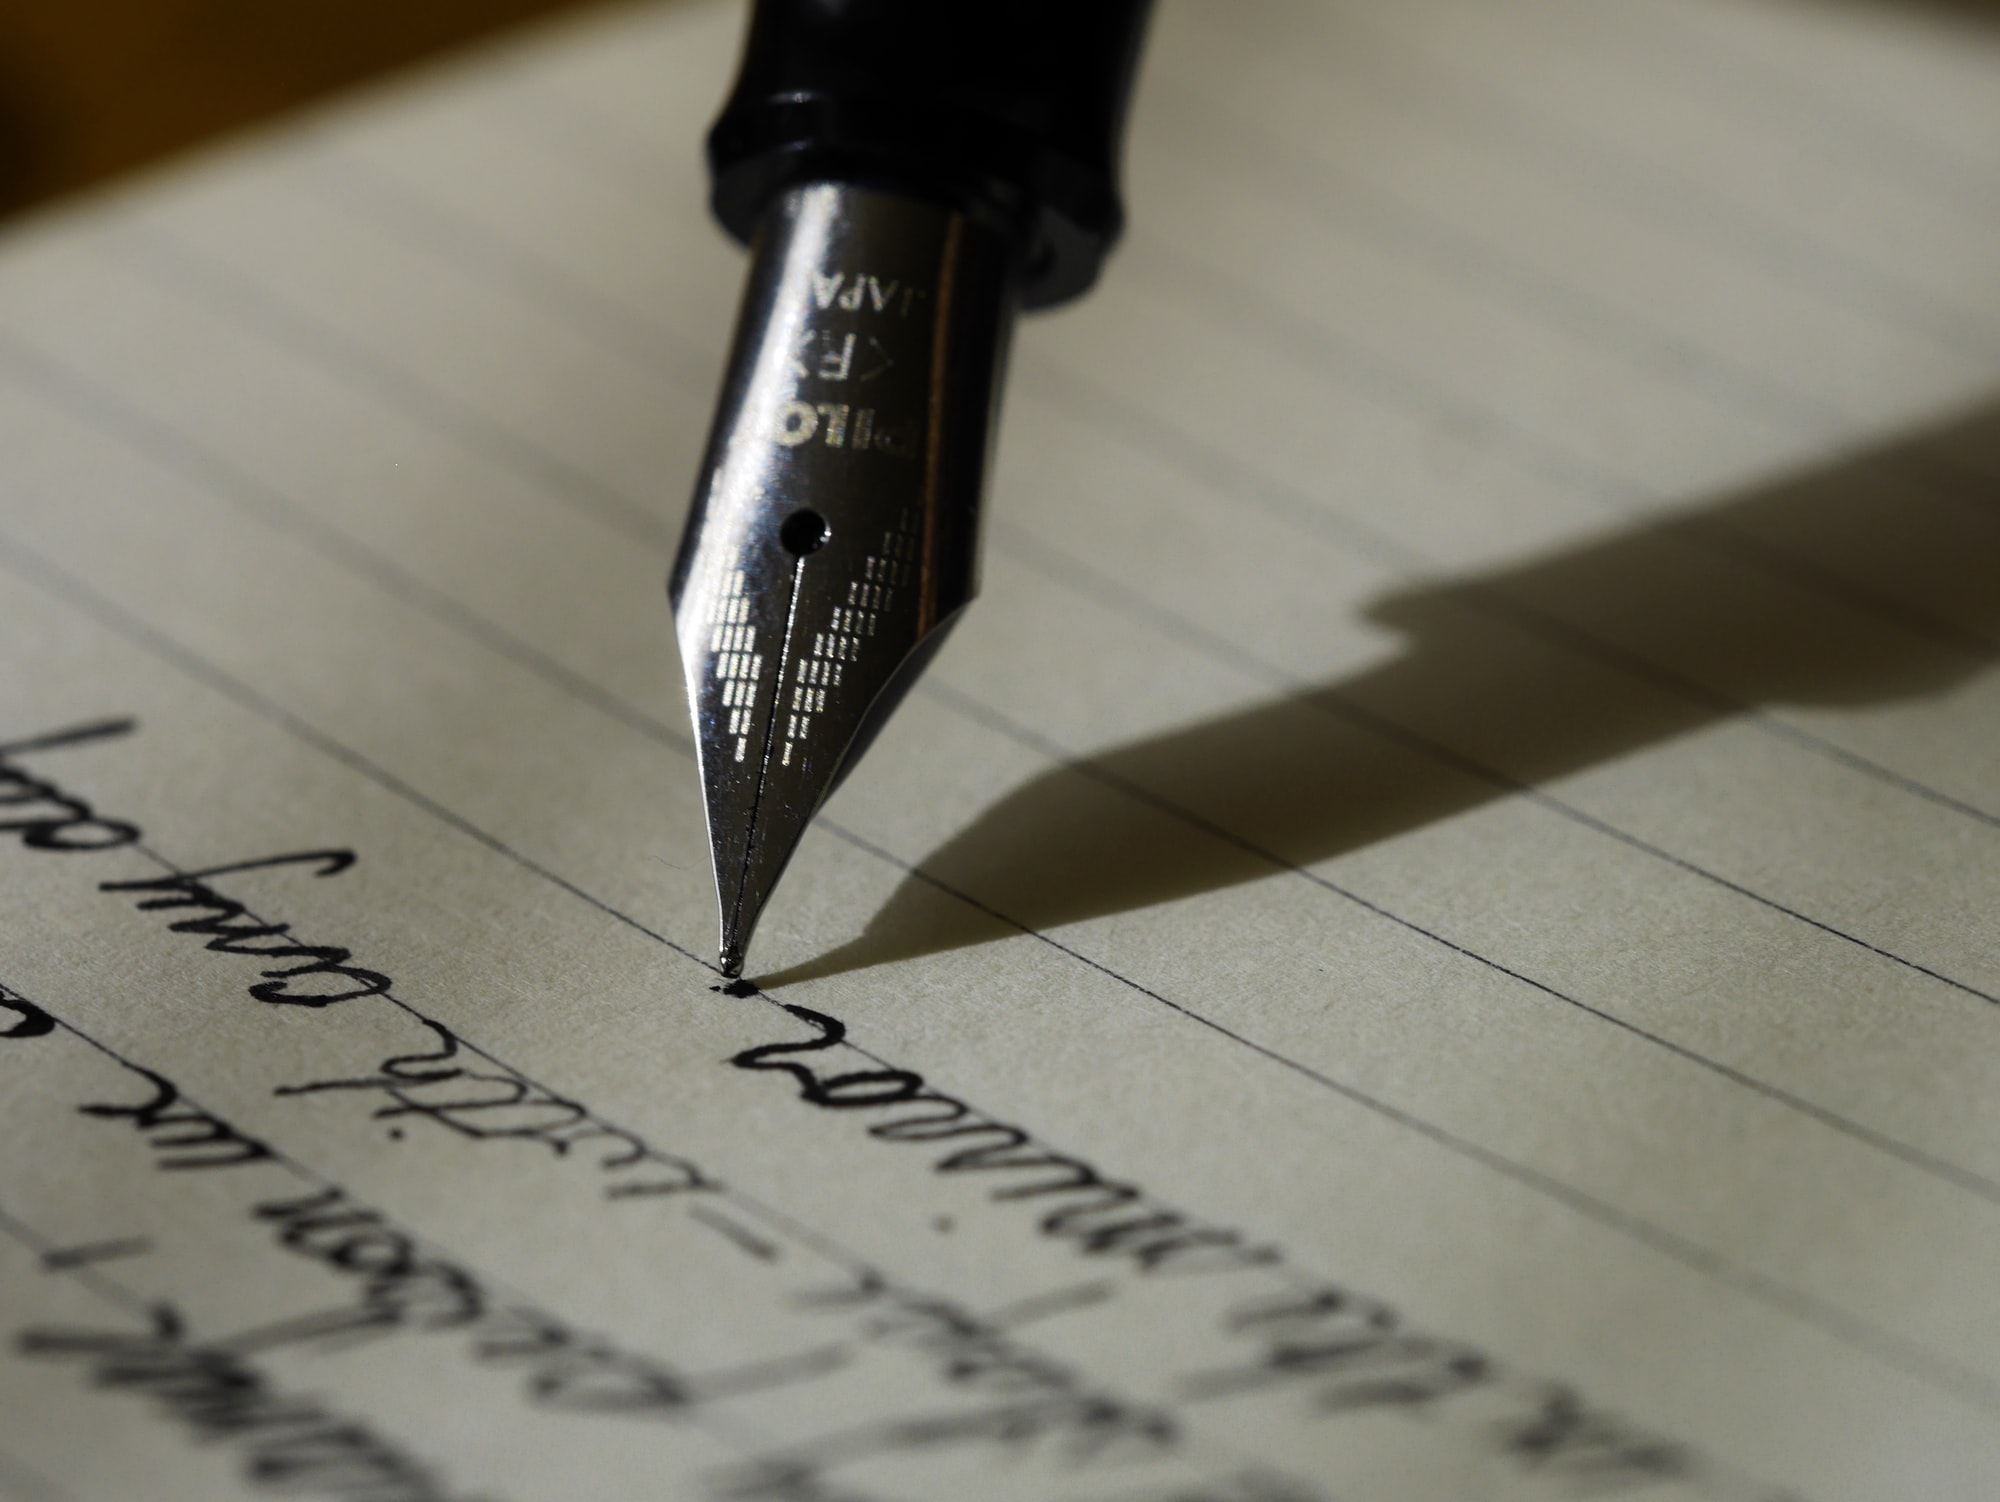 Fountain Pen Vocab: Attenuate